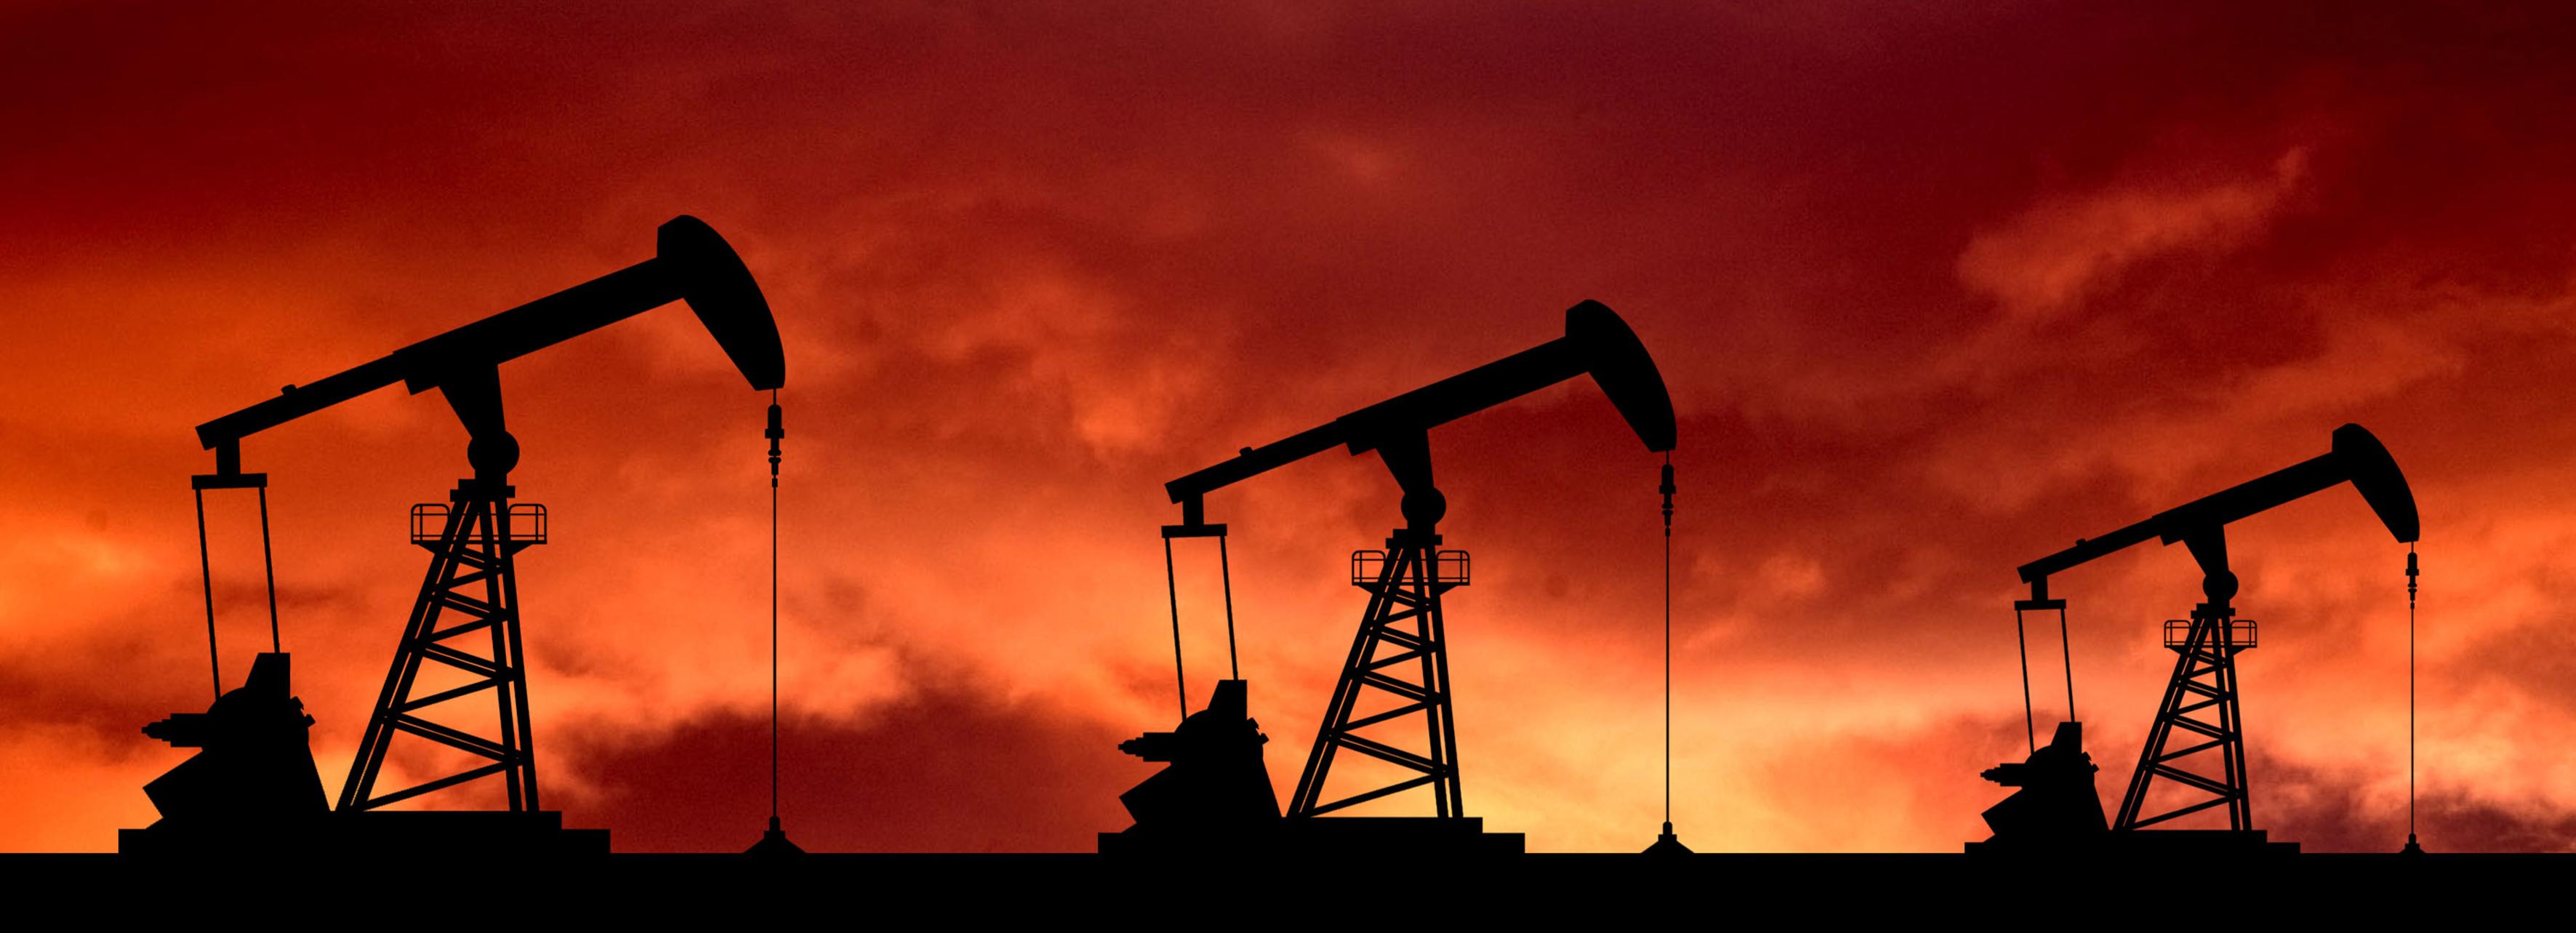 oil mexico